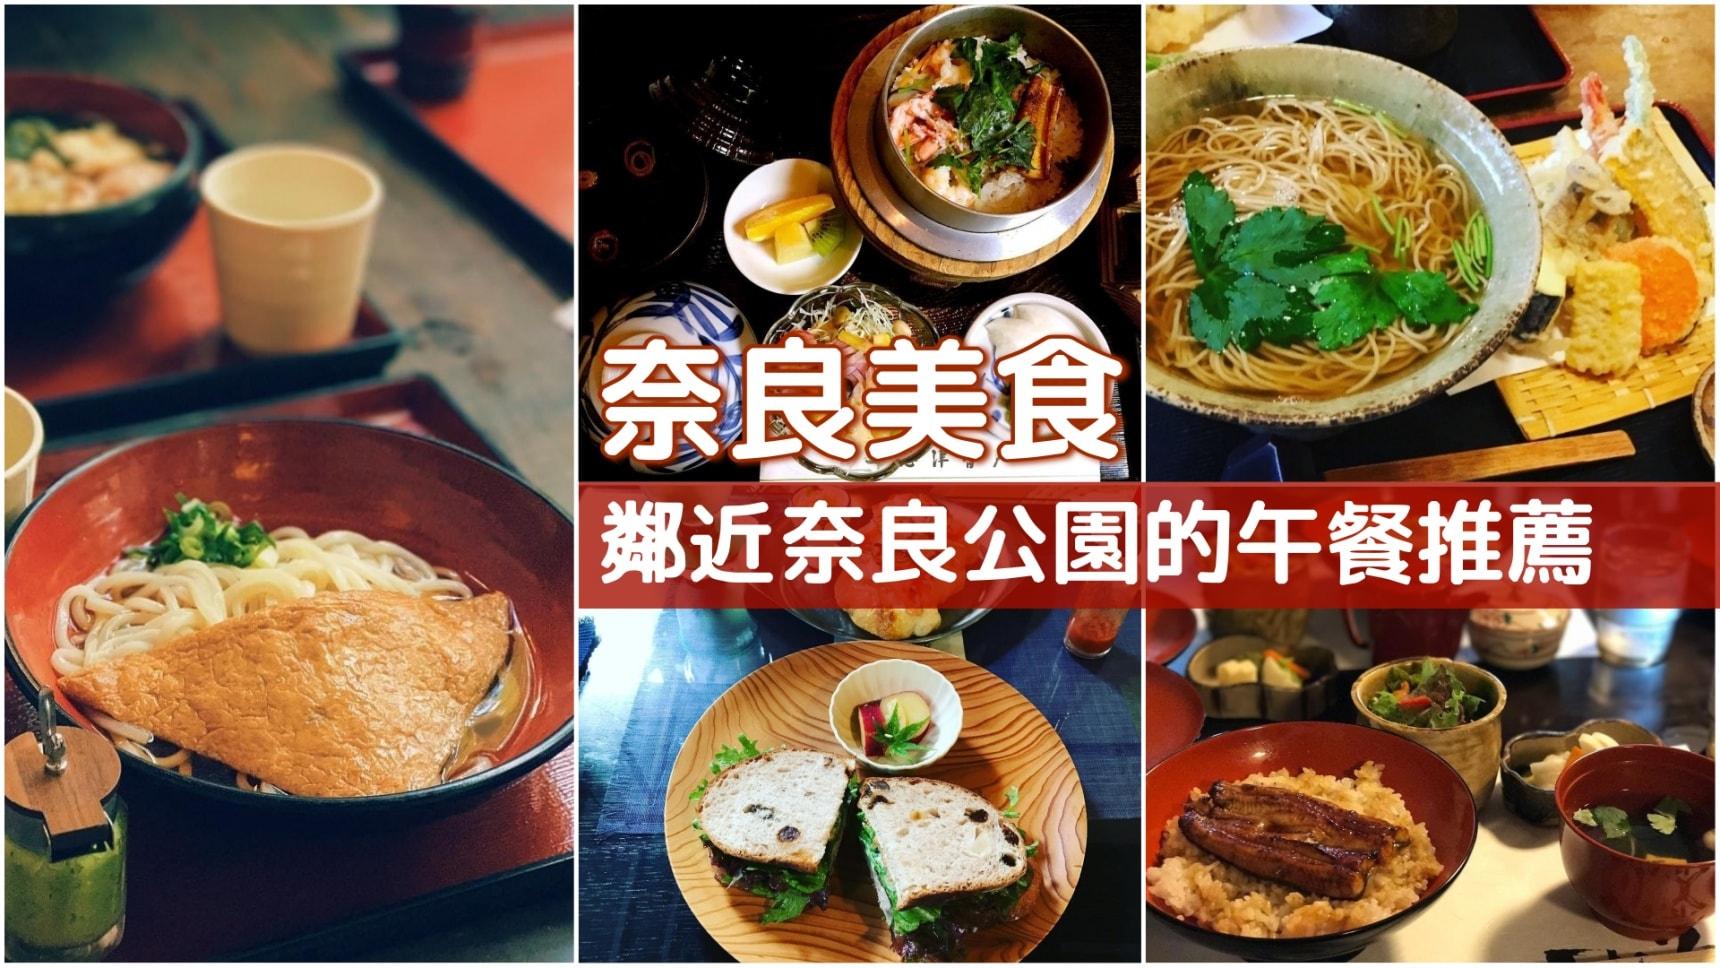 【奈良美食】古早味到咖啡廳!10間鄰近奈良公園的午餐推薦